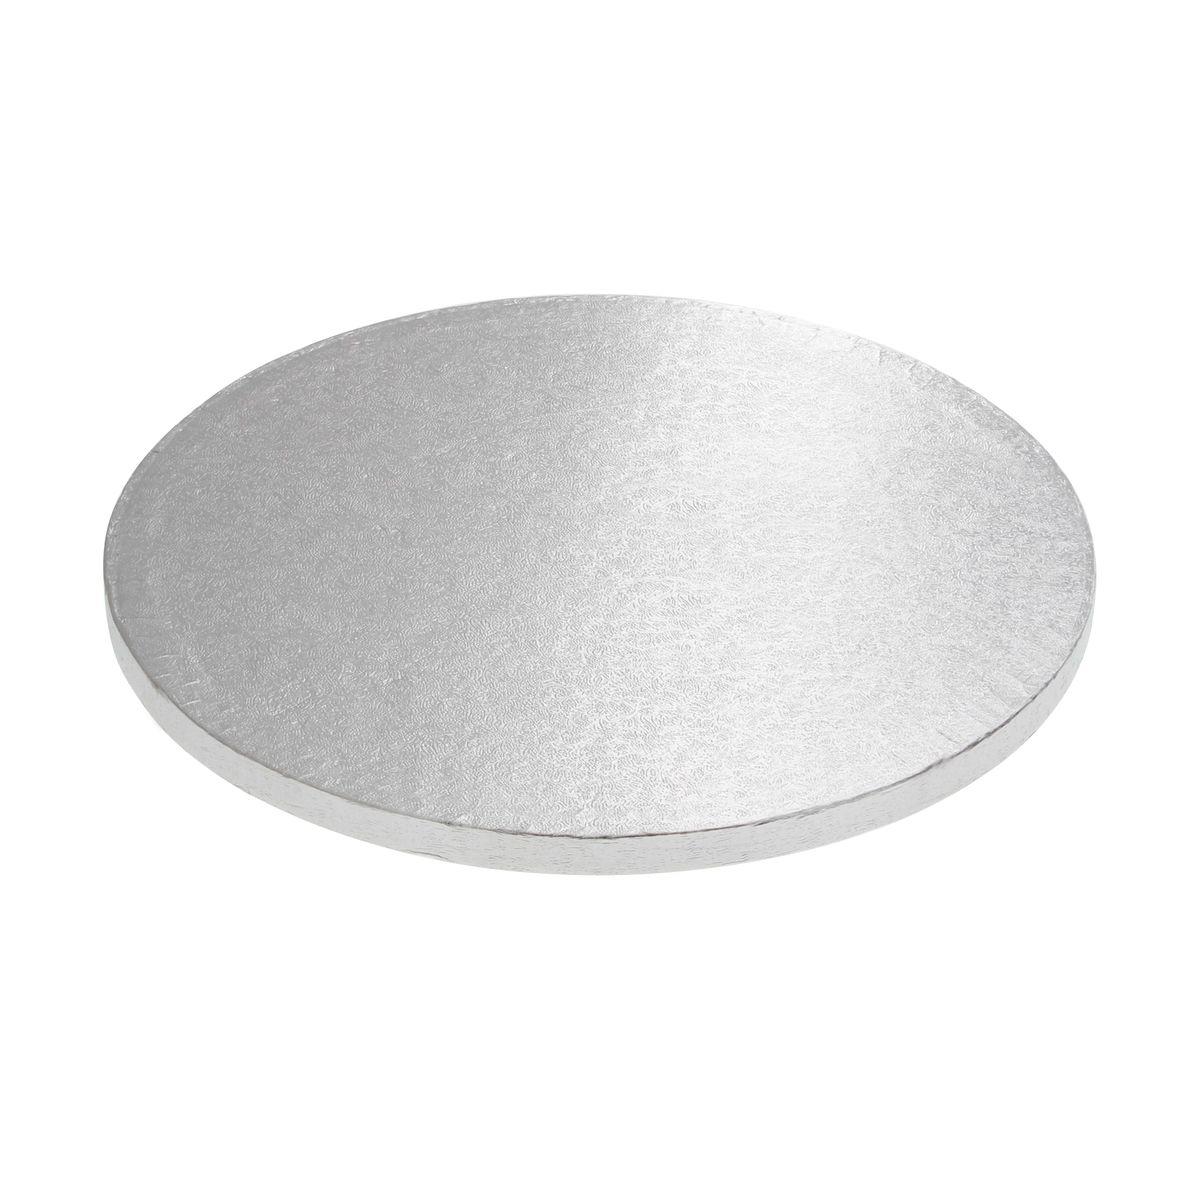 Base gâteau ronde argentée 25cm - Anniversary House